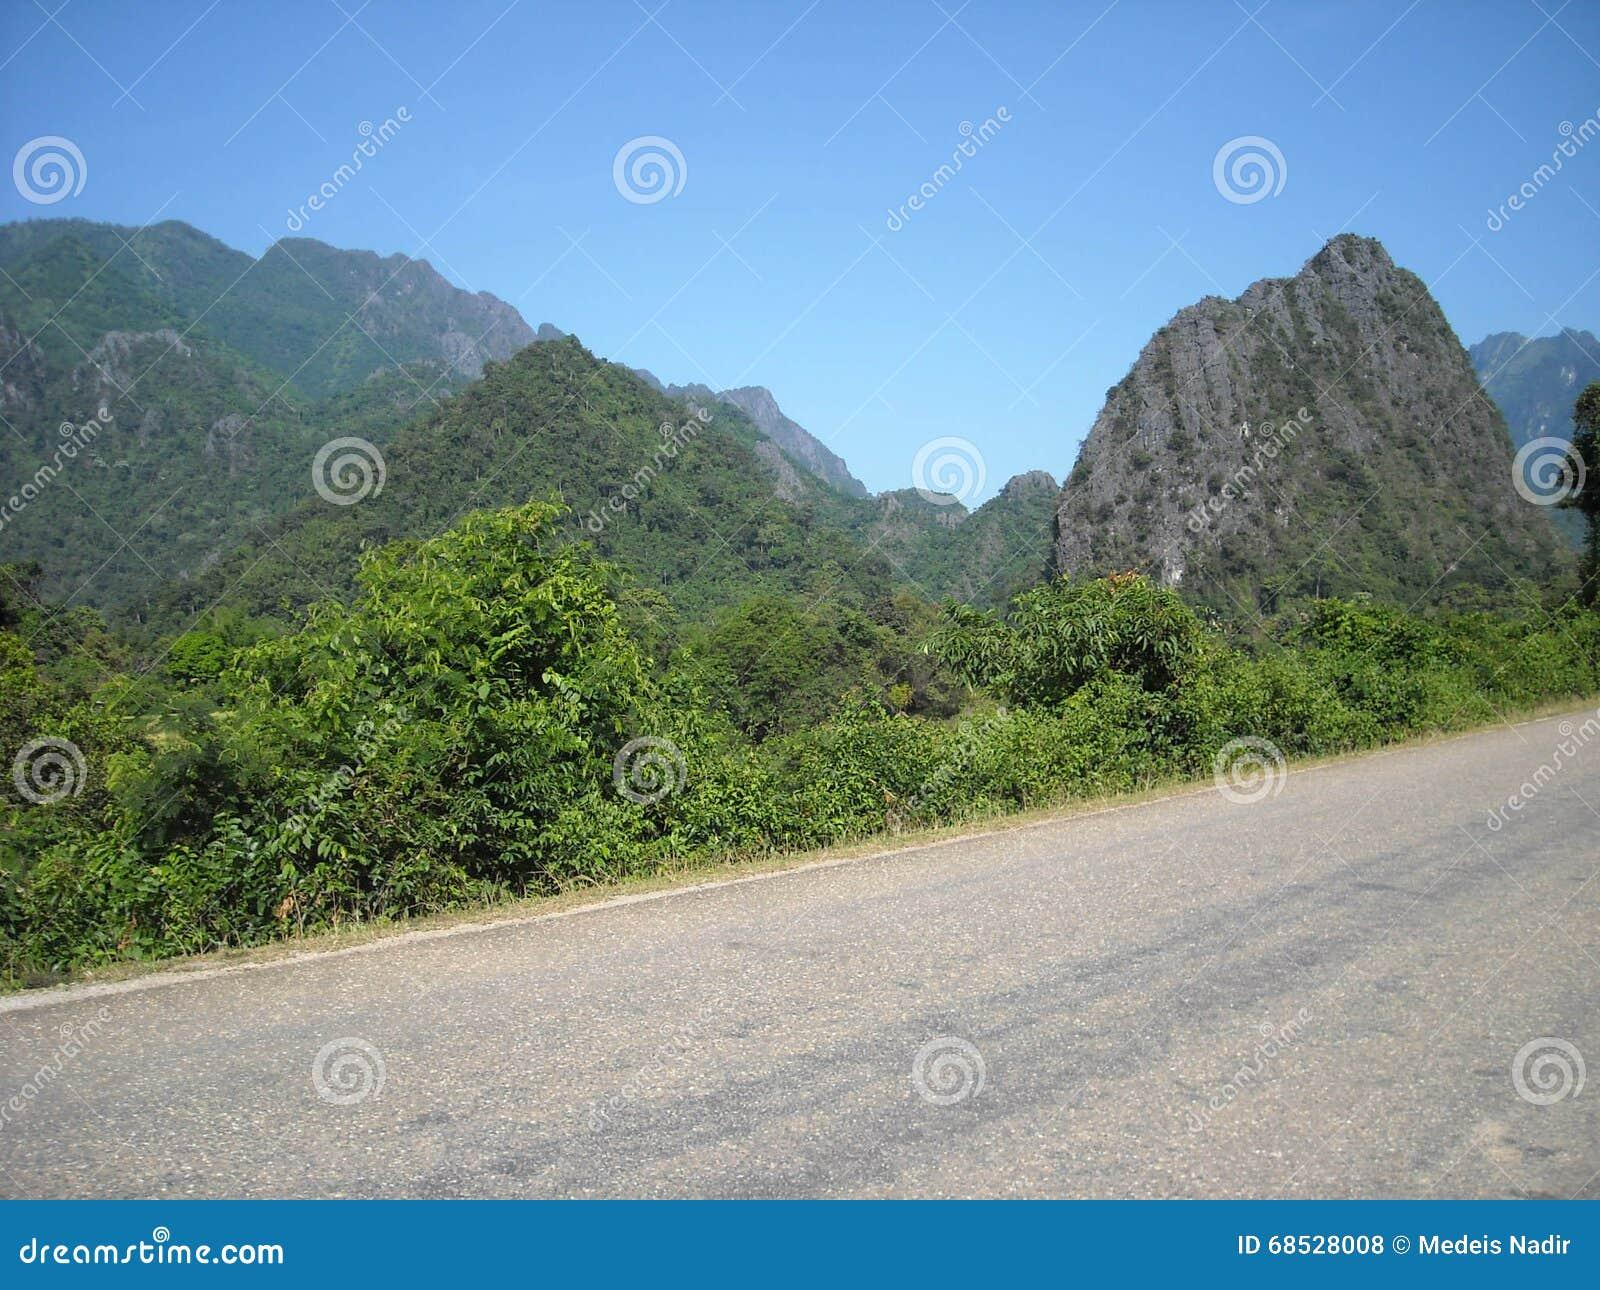 嫩绿的小山全景在东南亚